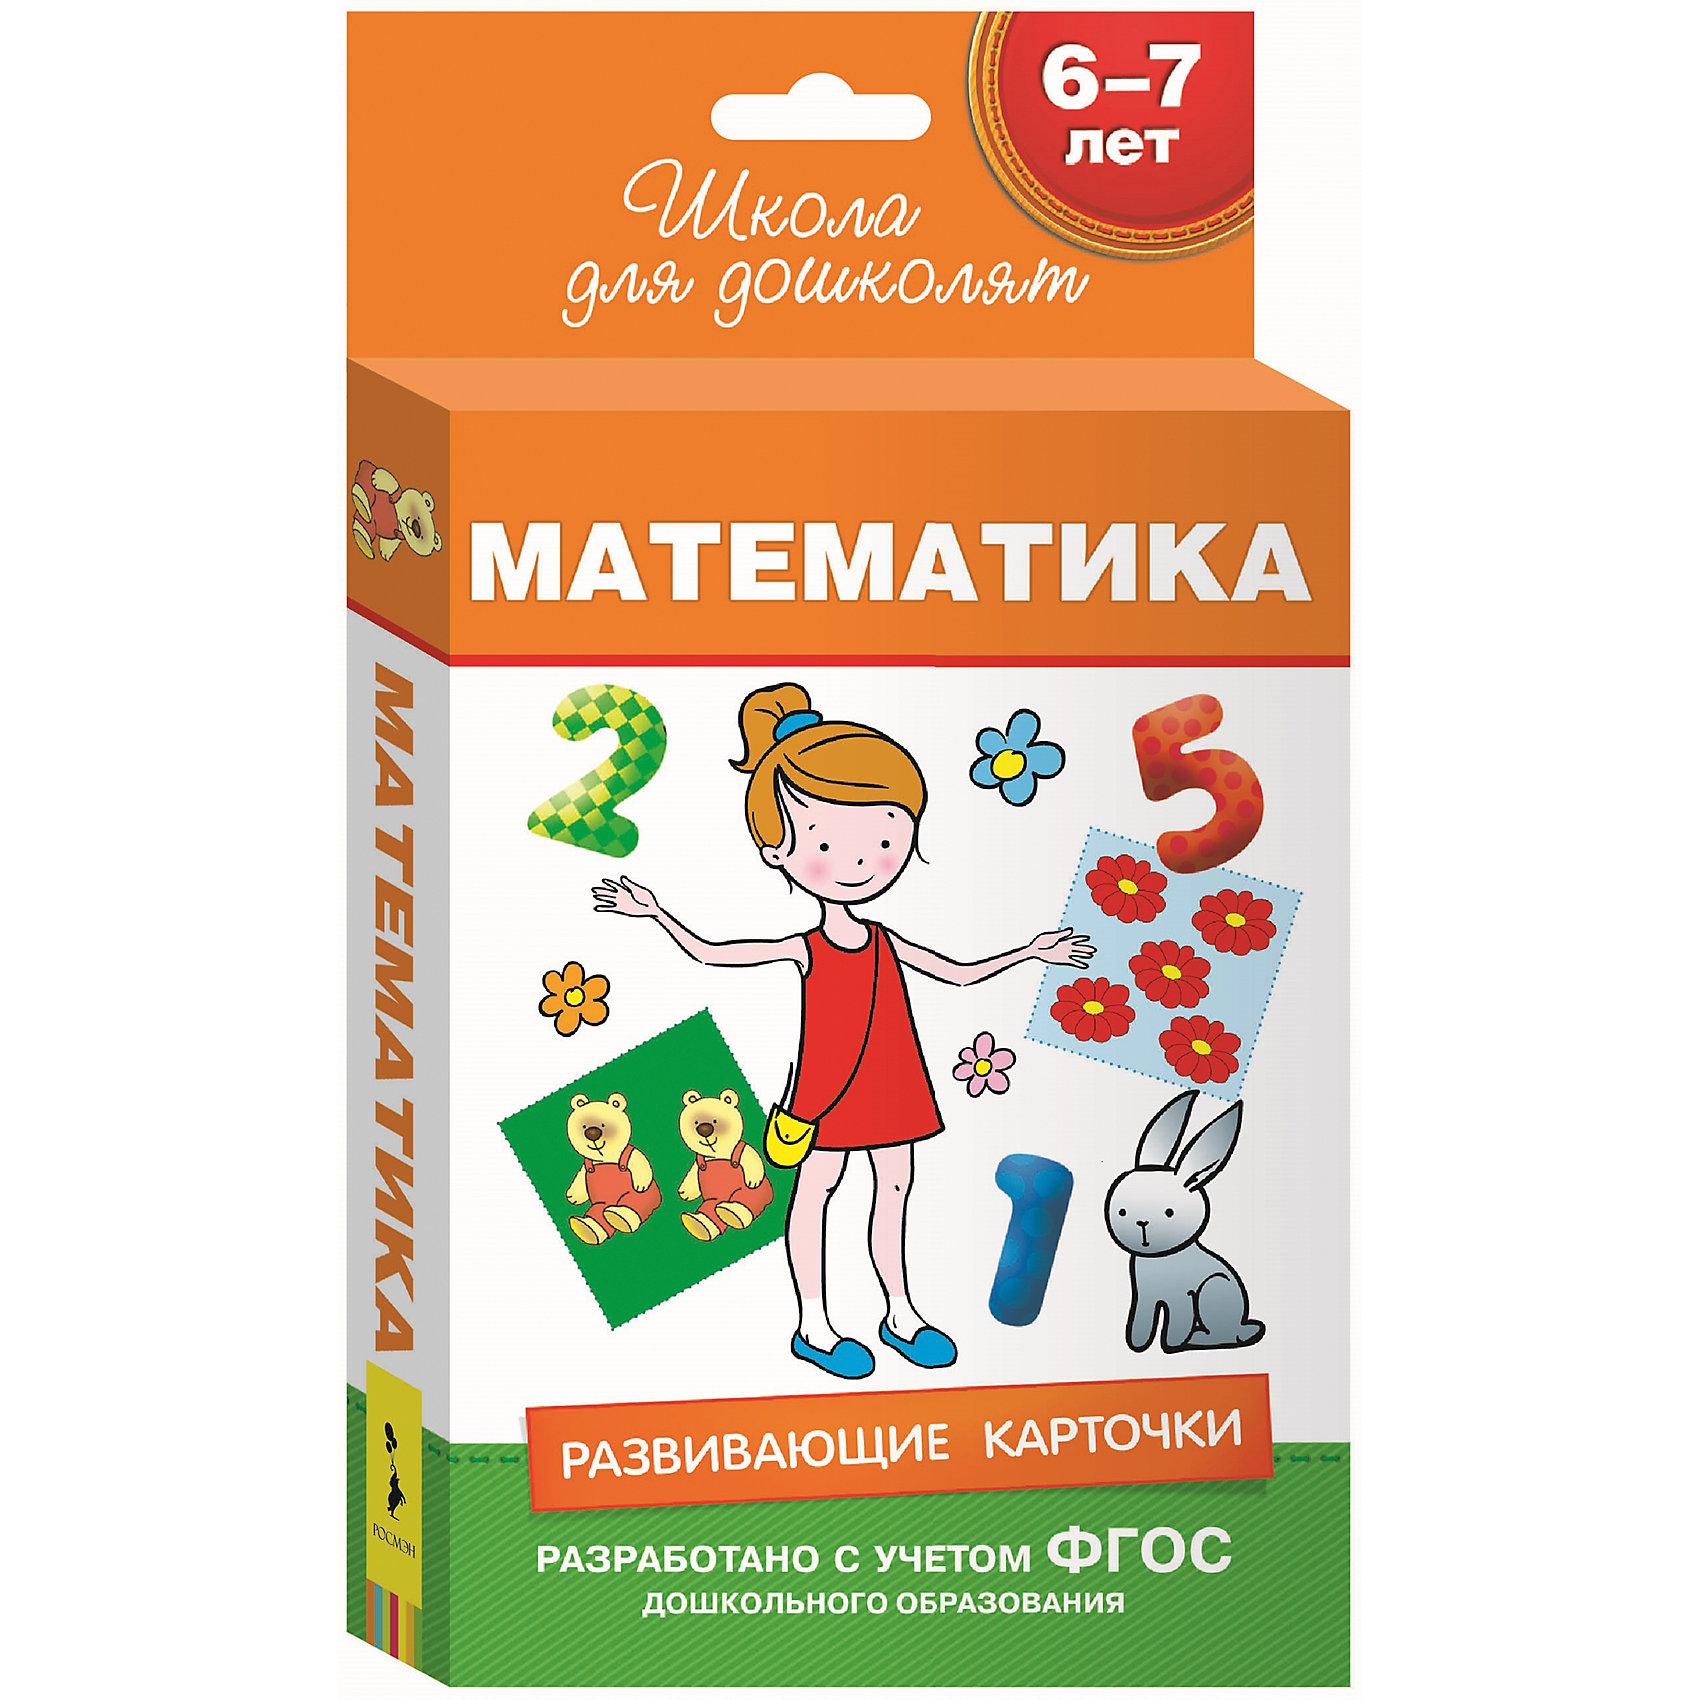 Развивающие карточки МатематикаНабор развивающих карточек Математика познакомит ребенка с простыми задачами, счетом в пределах 10, геометрическими фигурами и сравнением чисел.&#13;<br>Игры с карточками разовьют нестандартное мышление и логику, обогатят математическими знаниями и умениями, подготовят к обучению в школе.<br><br>Ширина мм: 130<br>Глубина мм: 93<br>Высота мм: 21<br>Вес г: 161<br>Возраст от месяцев: 48<br>Возраст до месяцев: 84<br>Пол: Унисекс<br>Возраст: Детский<br>SKU: 4637429